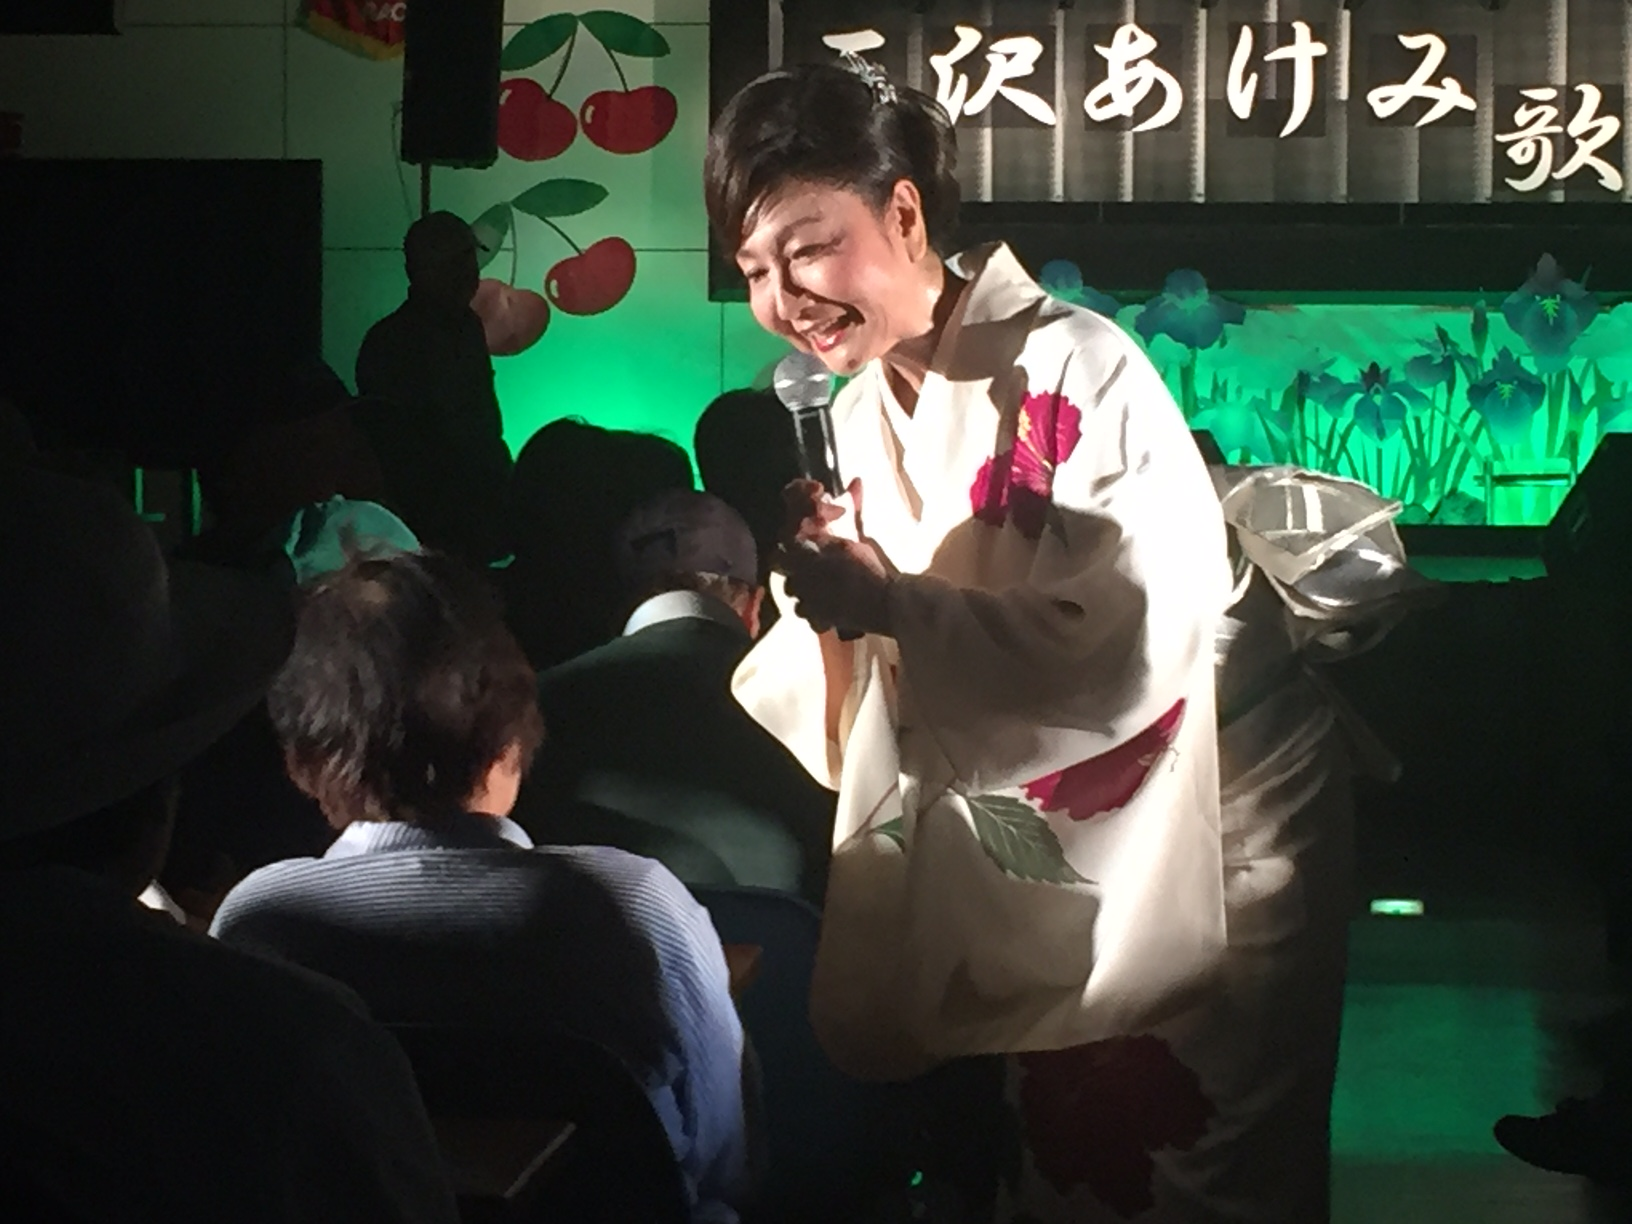 三沢あけみさん歌謡ショー2